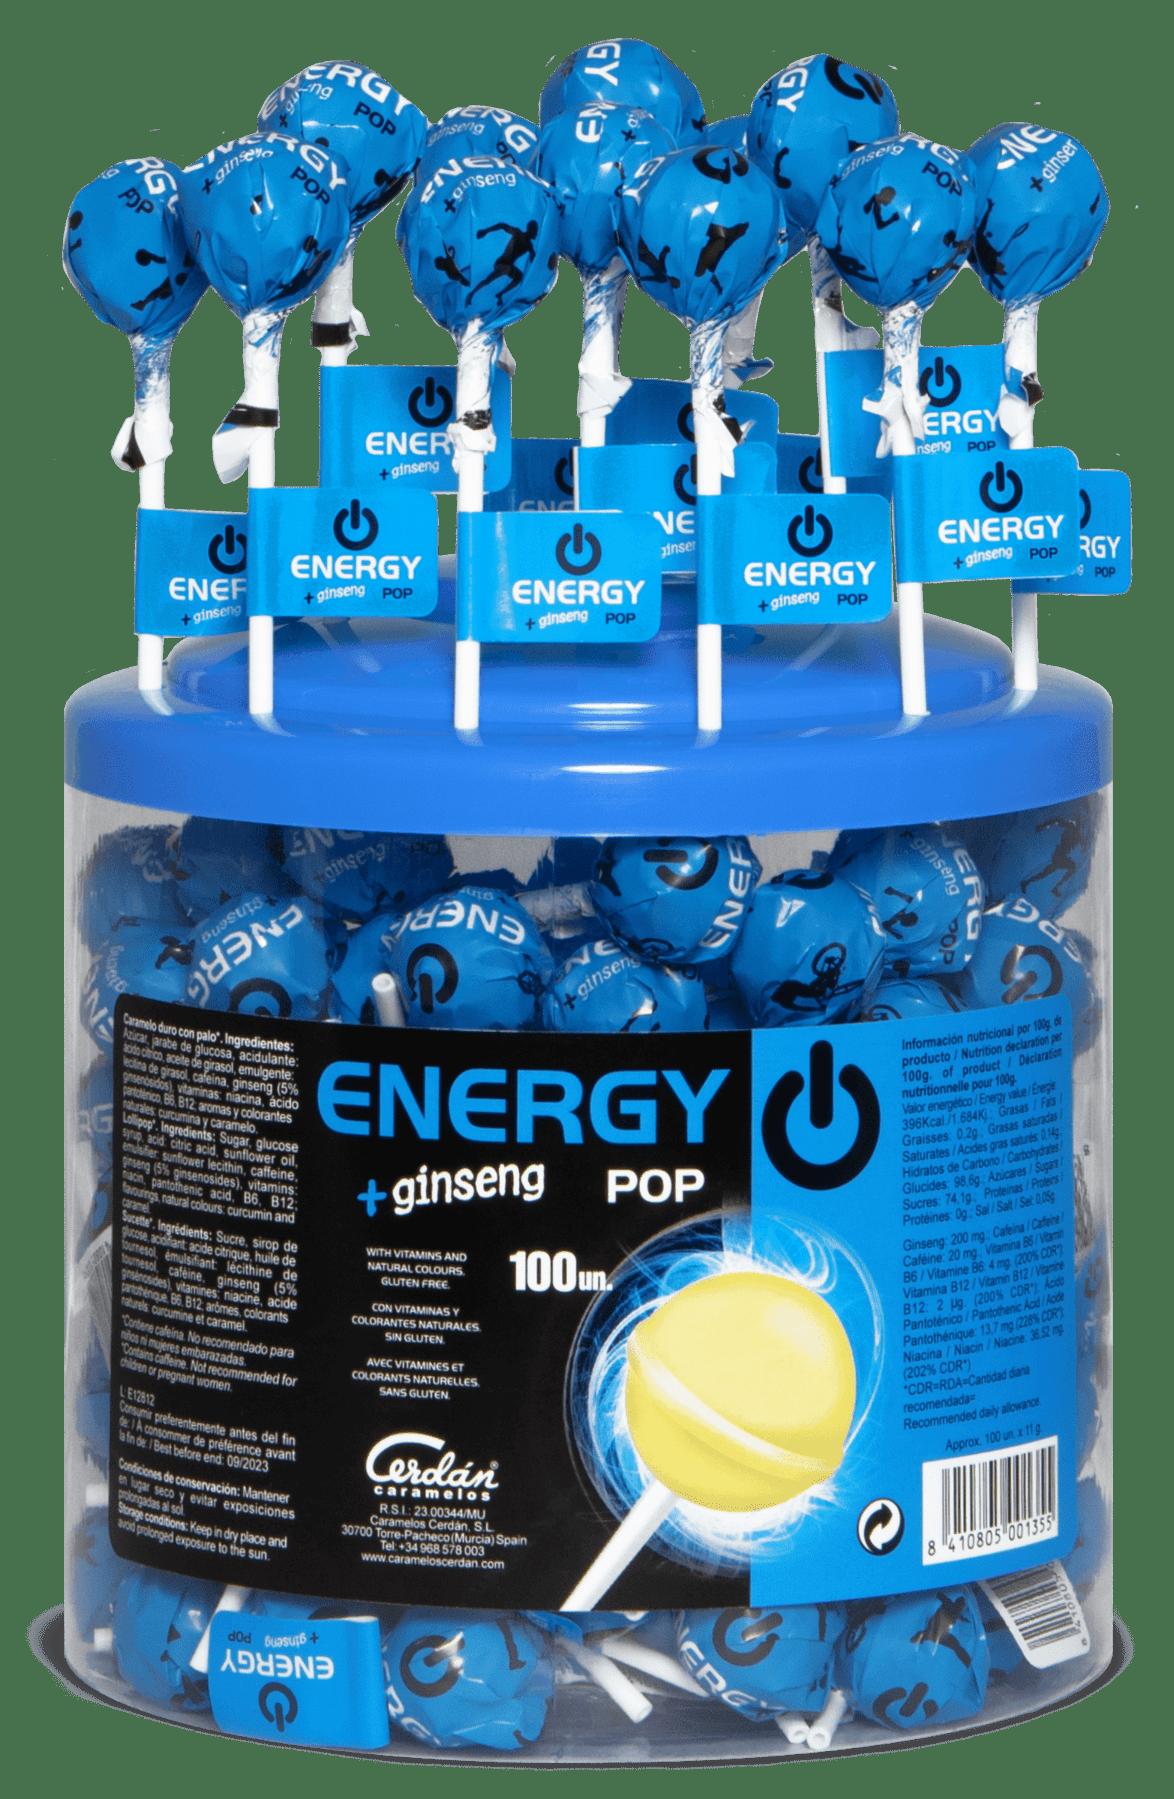 02-Energy-pop2